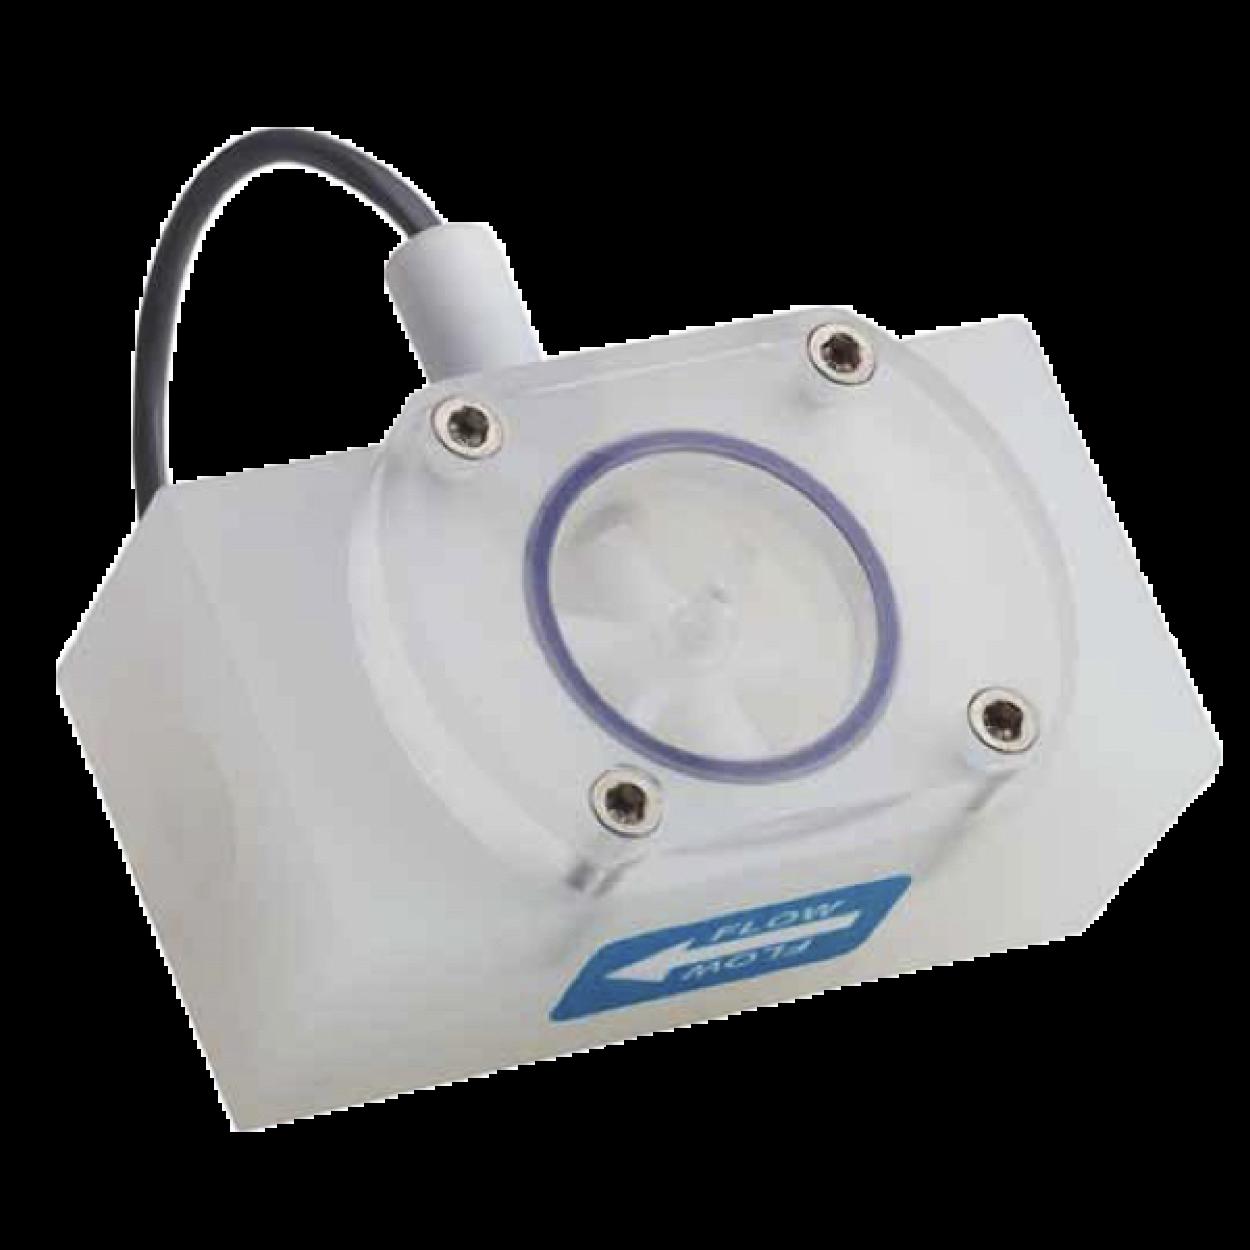 FL521_misuratore_portata